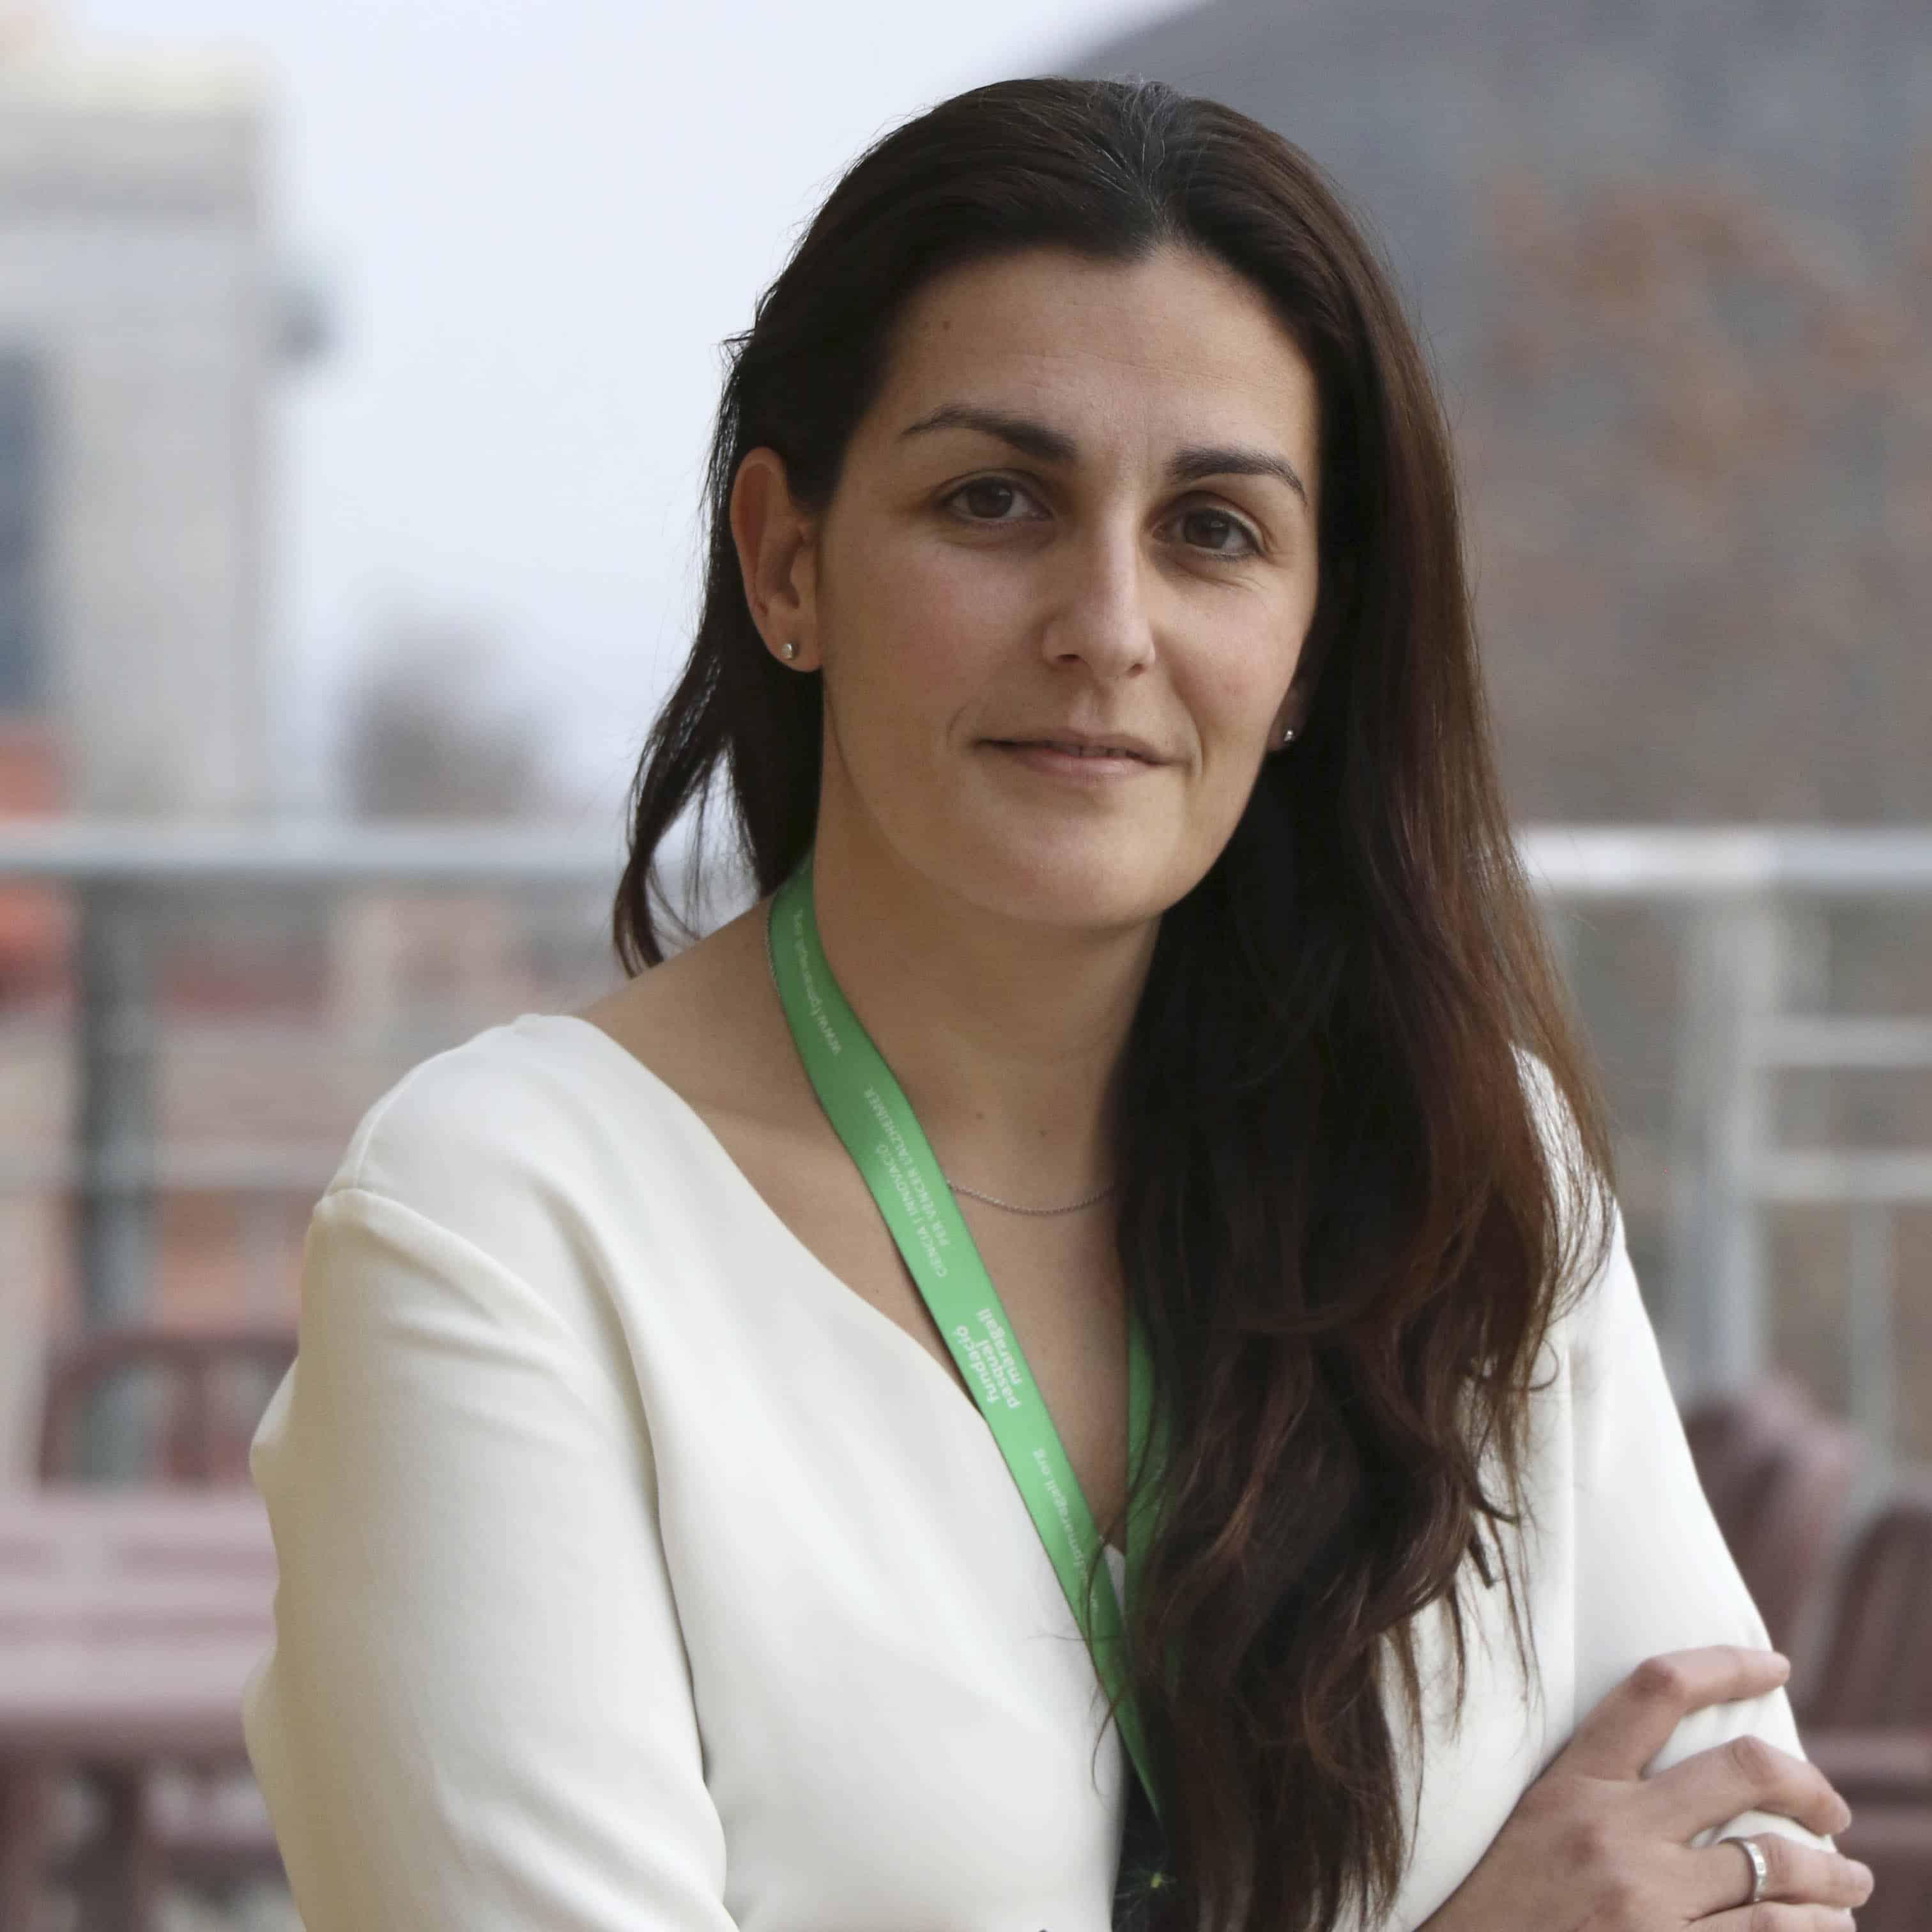 Cristina Prados